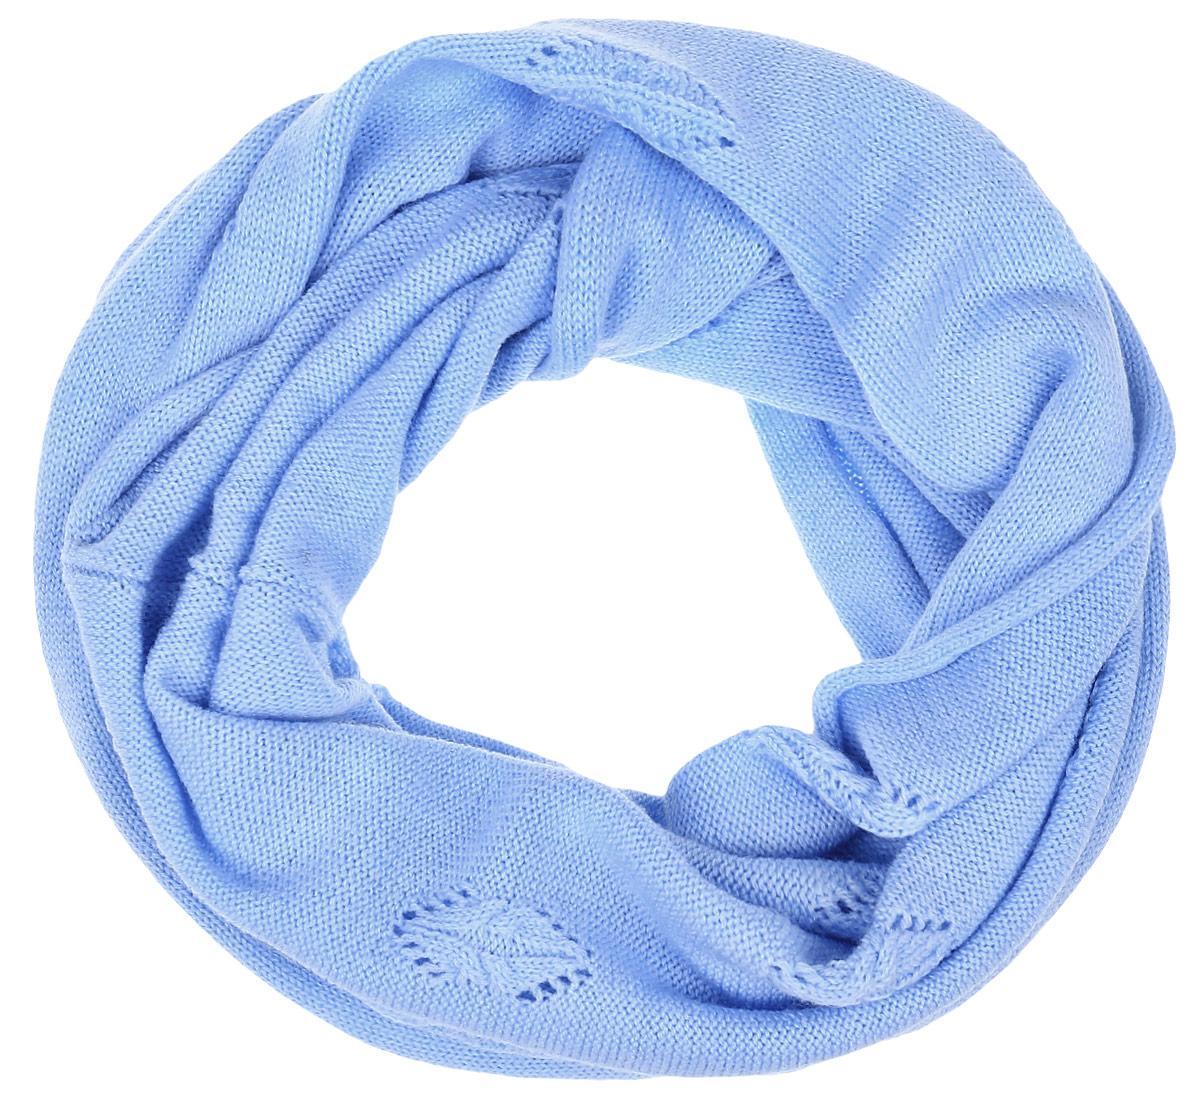 Снуд-хомут женский Finn Flare, цвет: голубой. W16-11125_139. Размер 40 см х 160 смW16-11125_139Женский снуд-хомут Finn Flare выполнен из высококачественного акрила с добавлением теплой шерсти. Модель связана кольцом и имеет вязку с небольшим узором. Снуд-хомут дополнен металлической пластиной с названием бренда.